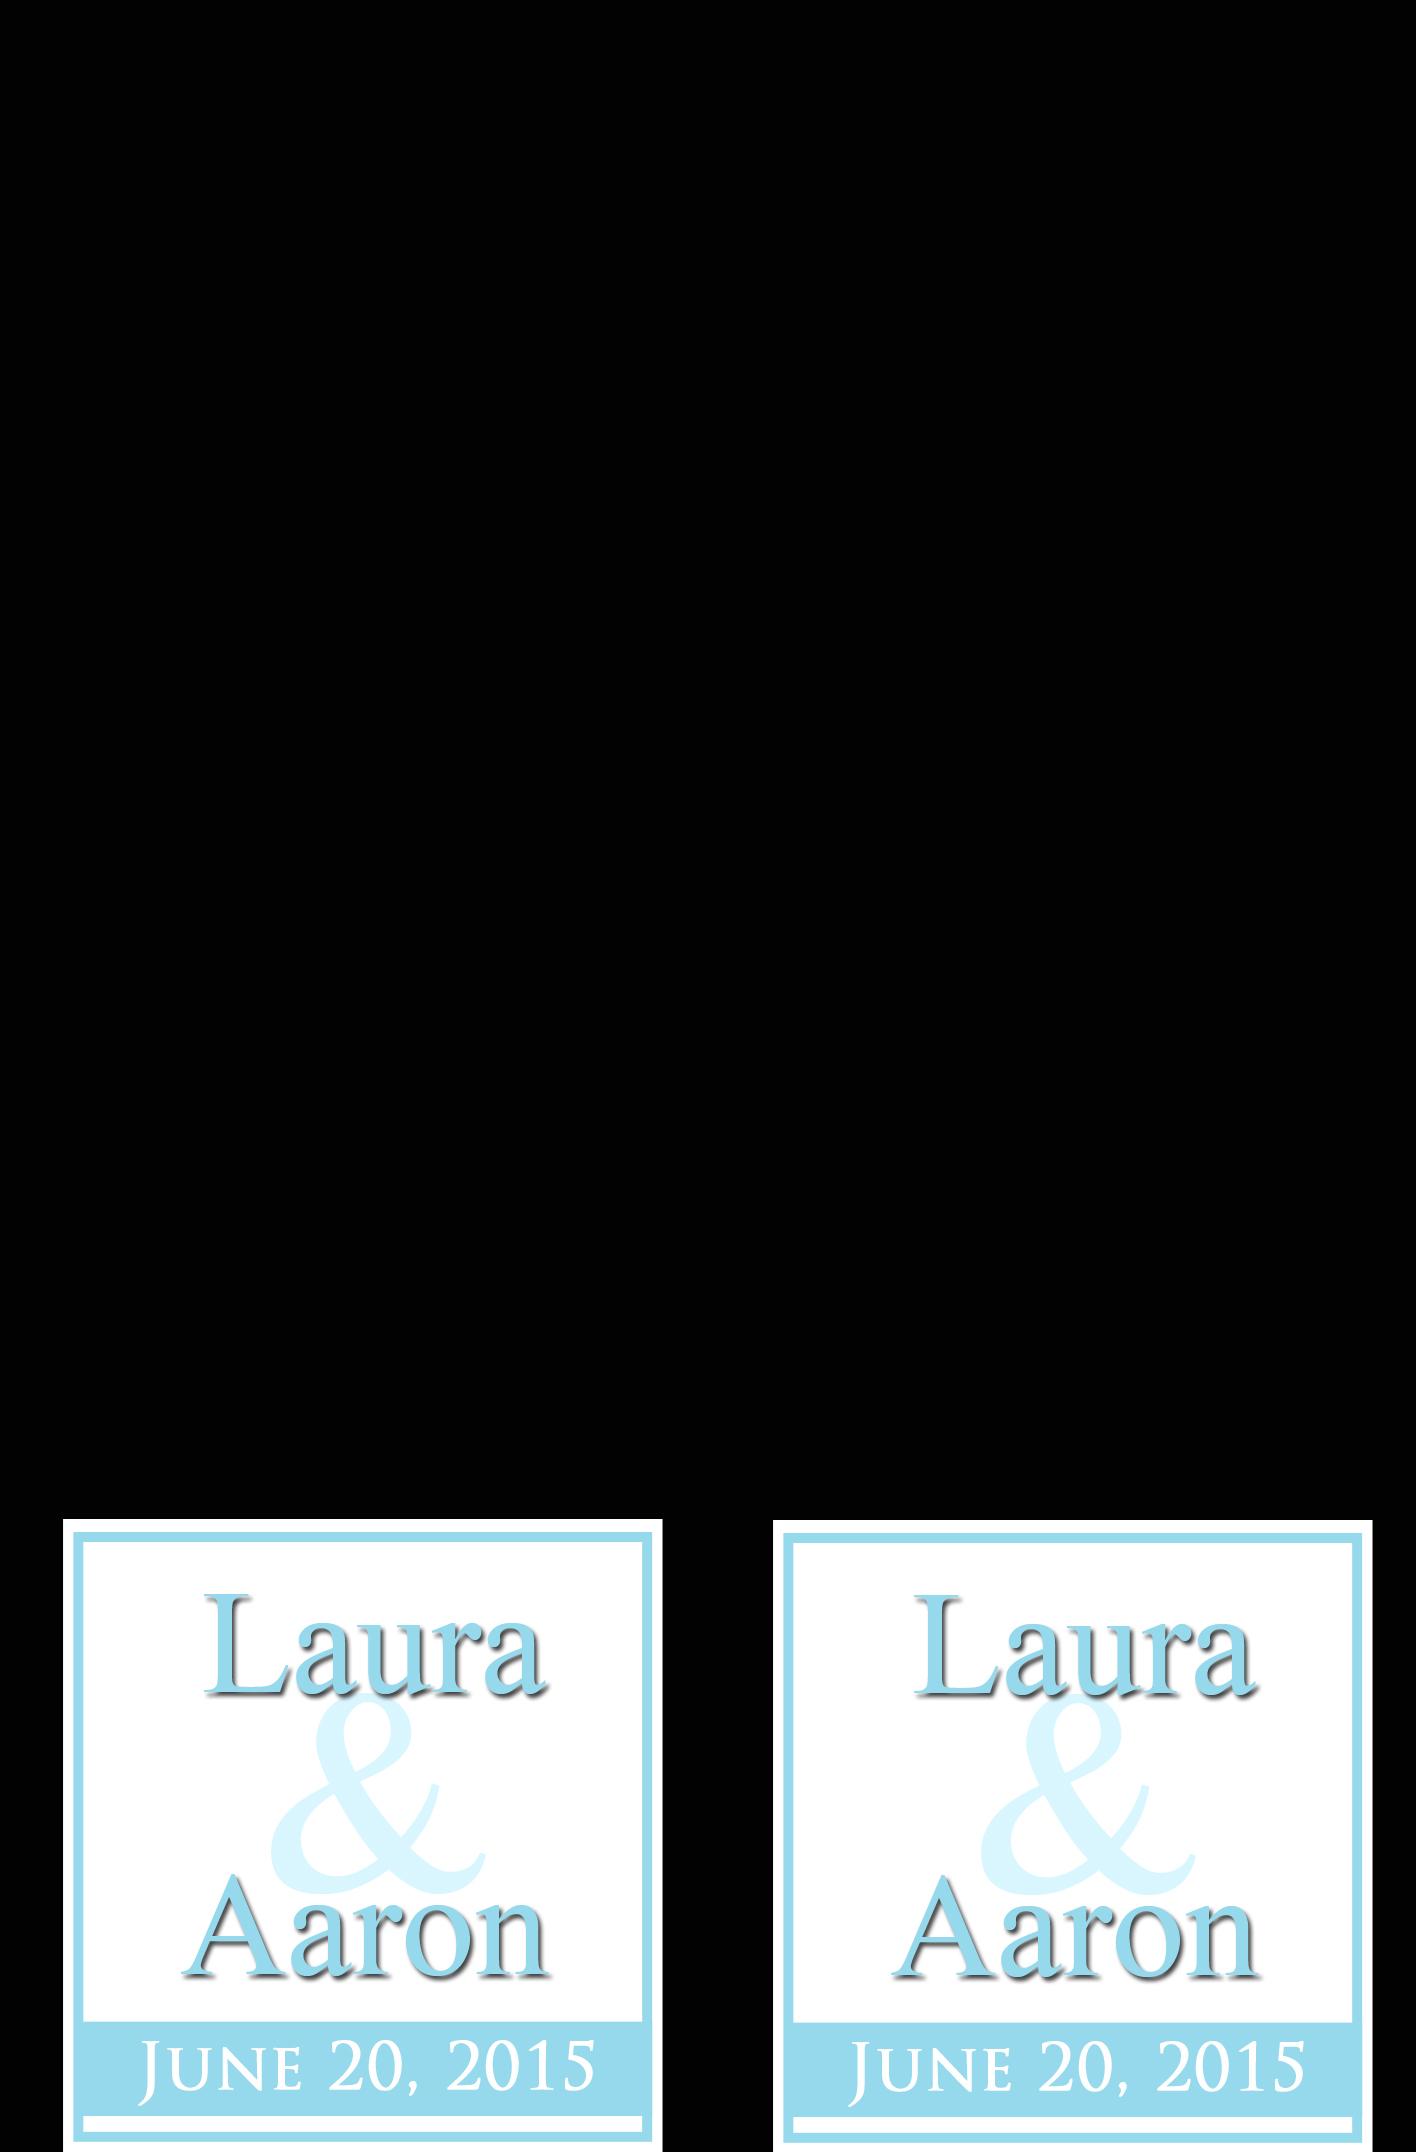 2015 06 20 Laura Aaron